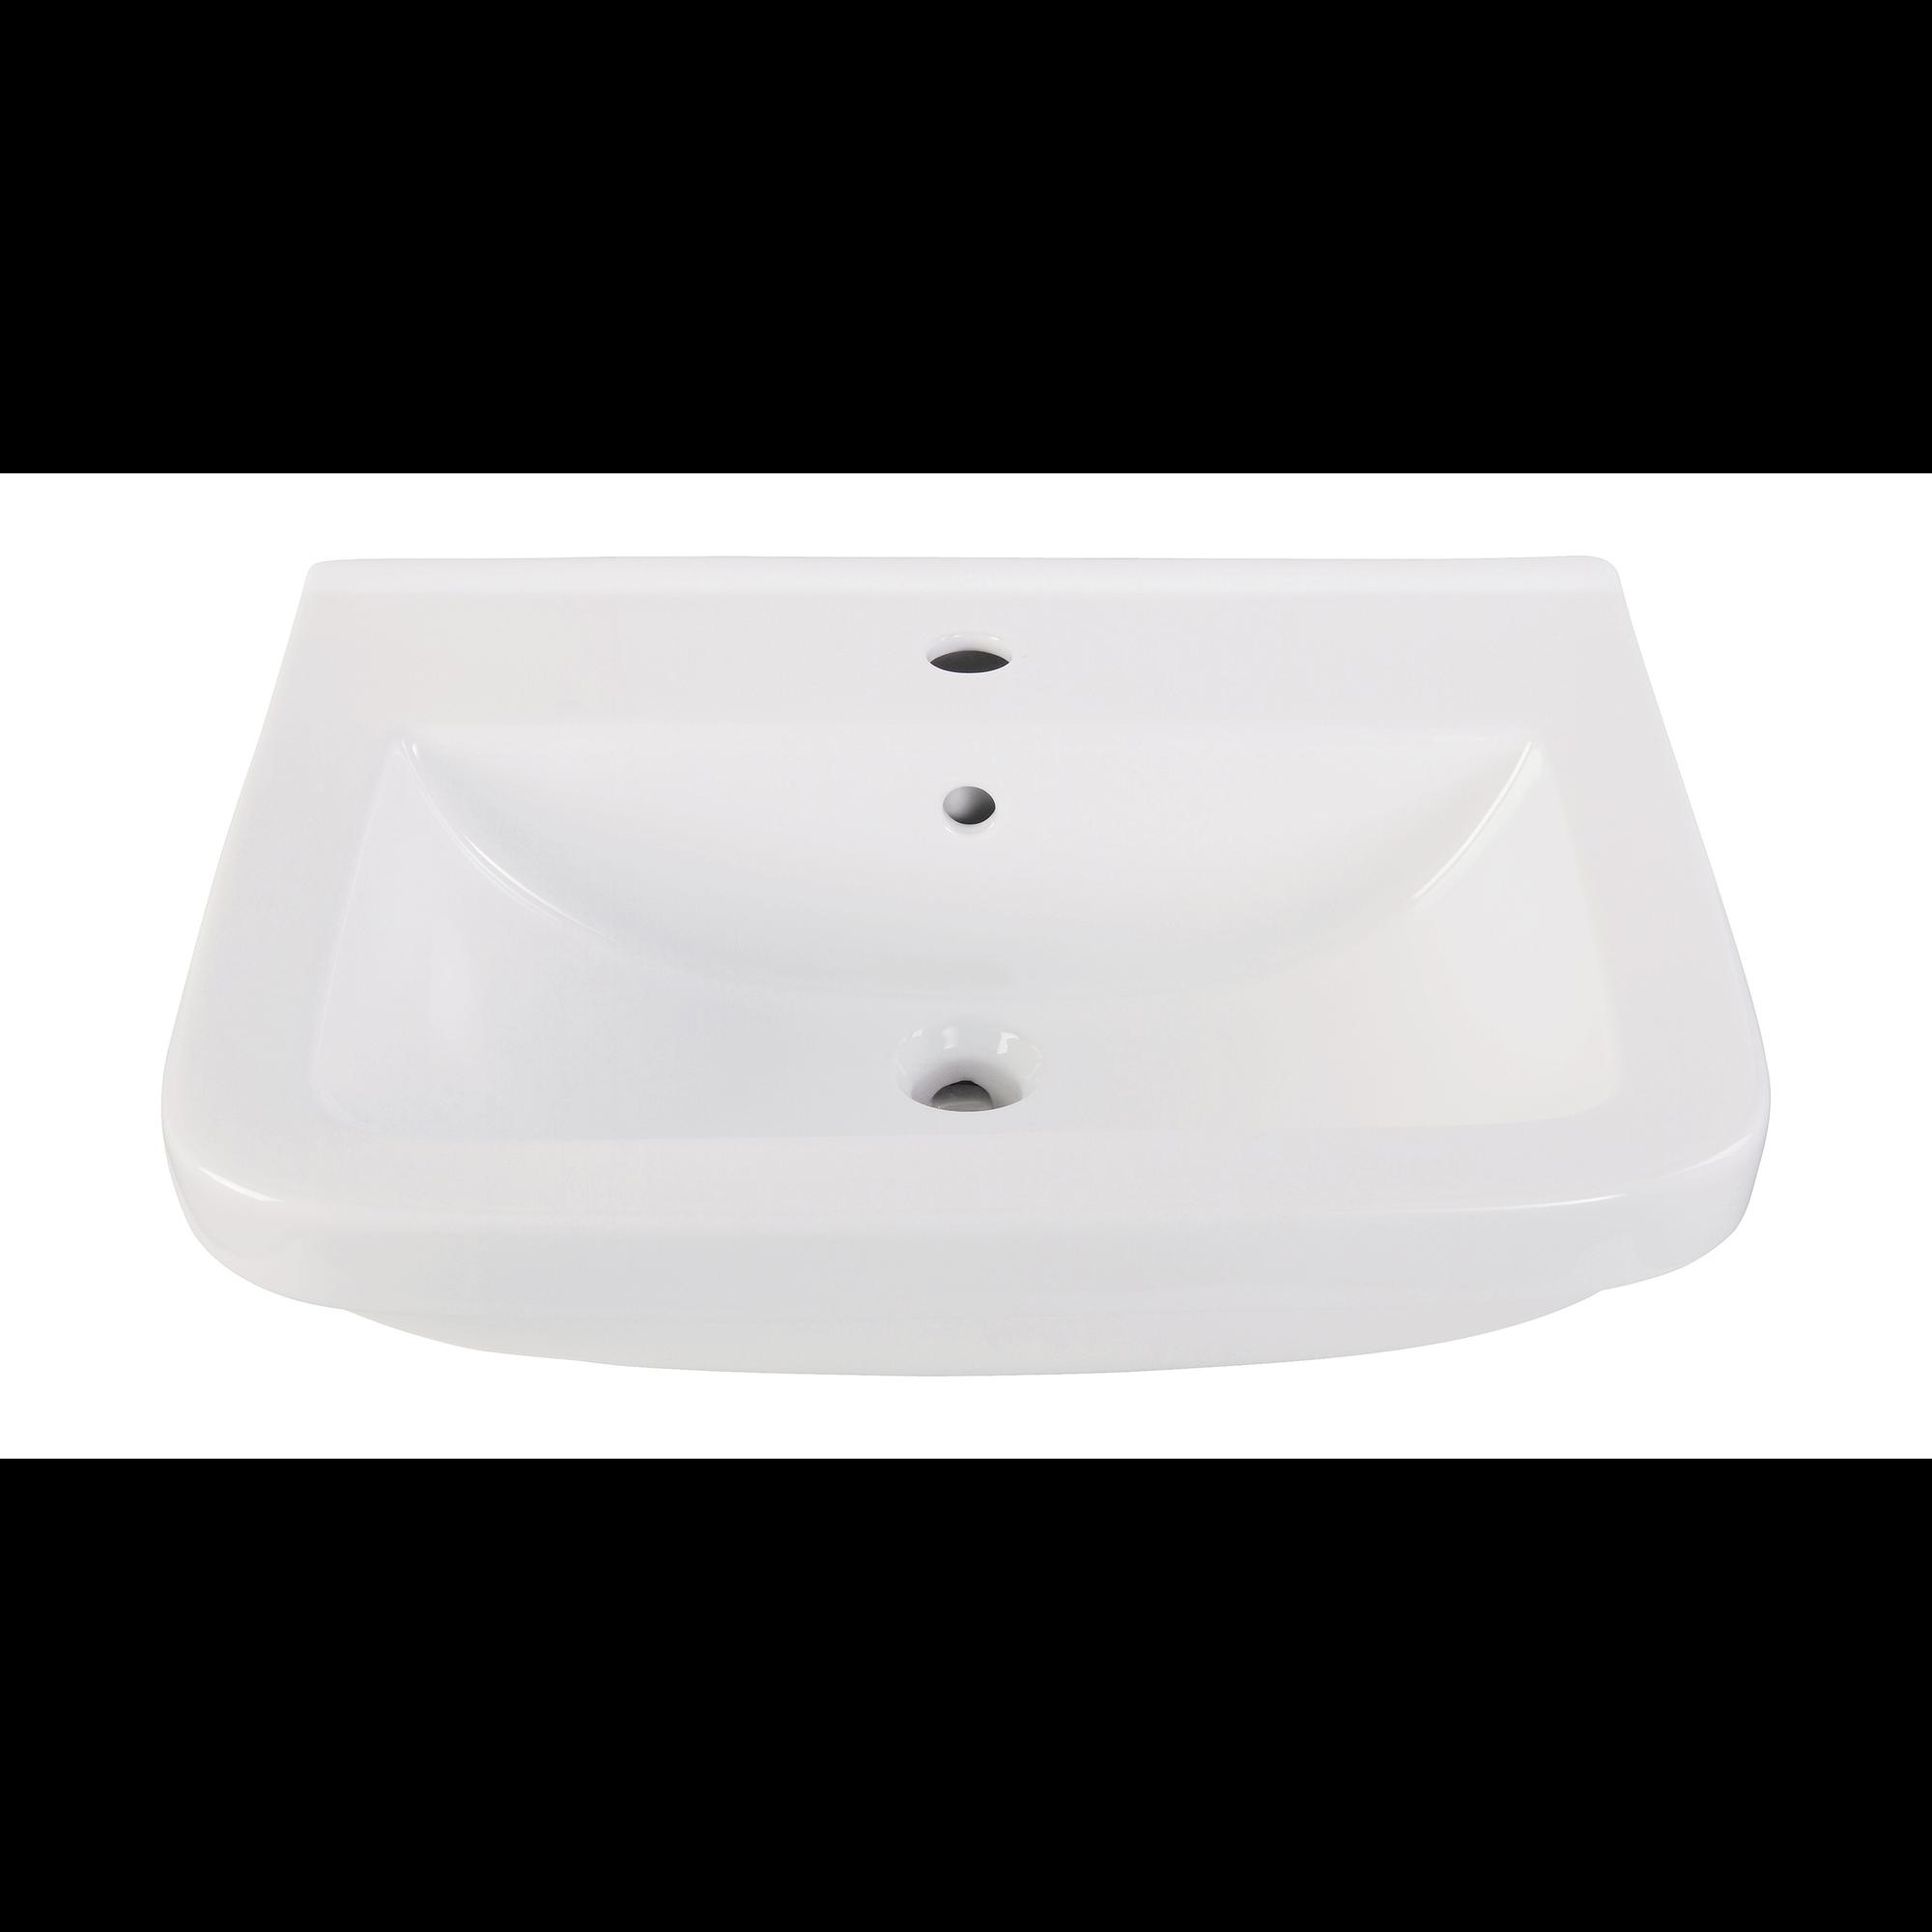 Image of AquaSu Waschtisch Quadra 45 cm, weiß mit Clean-Glasur